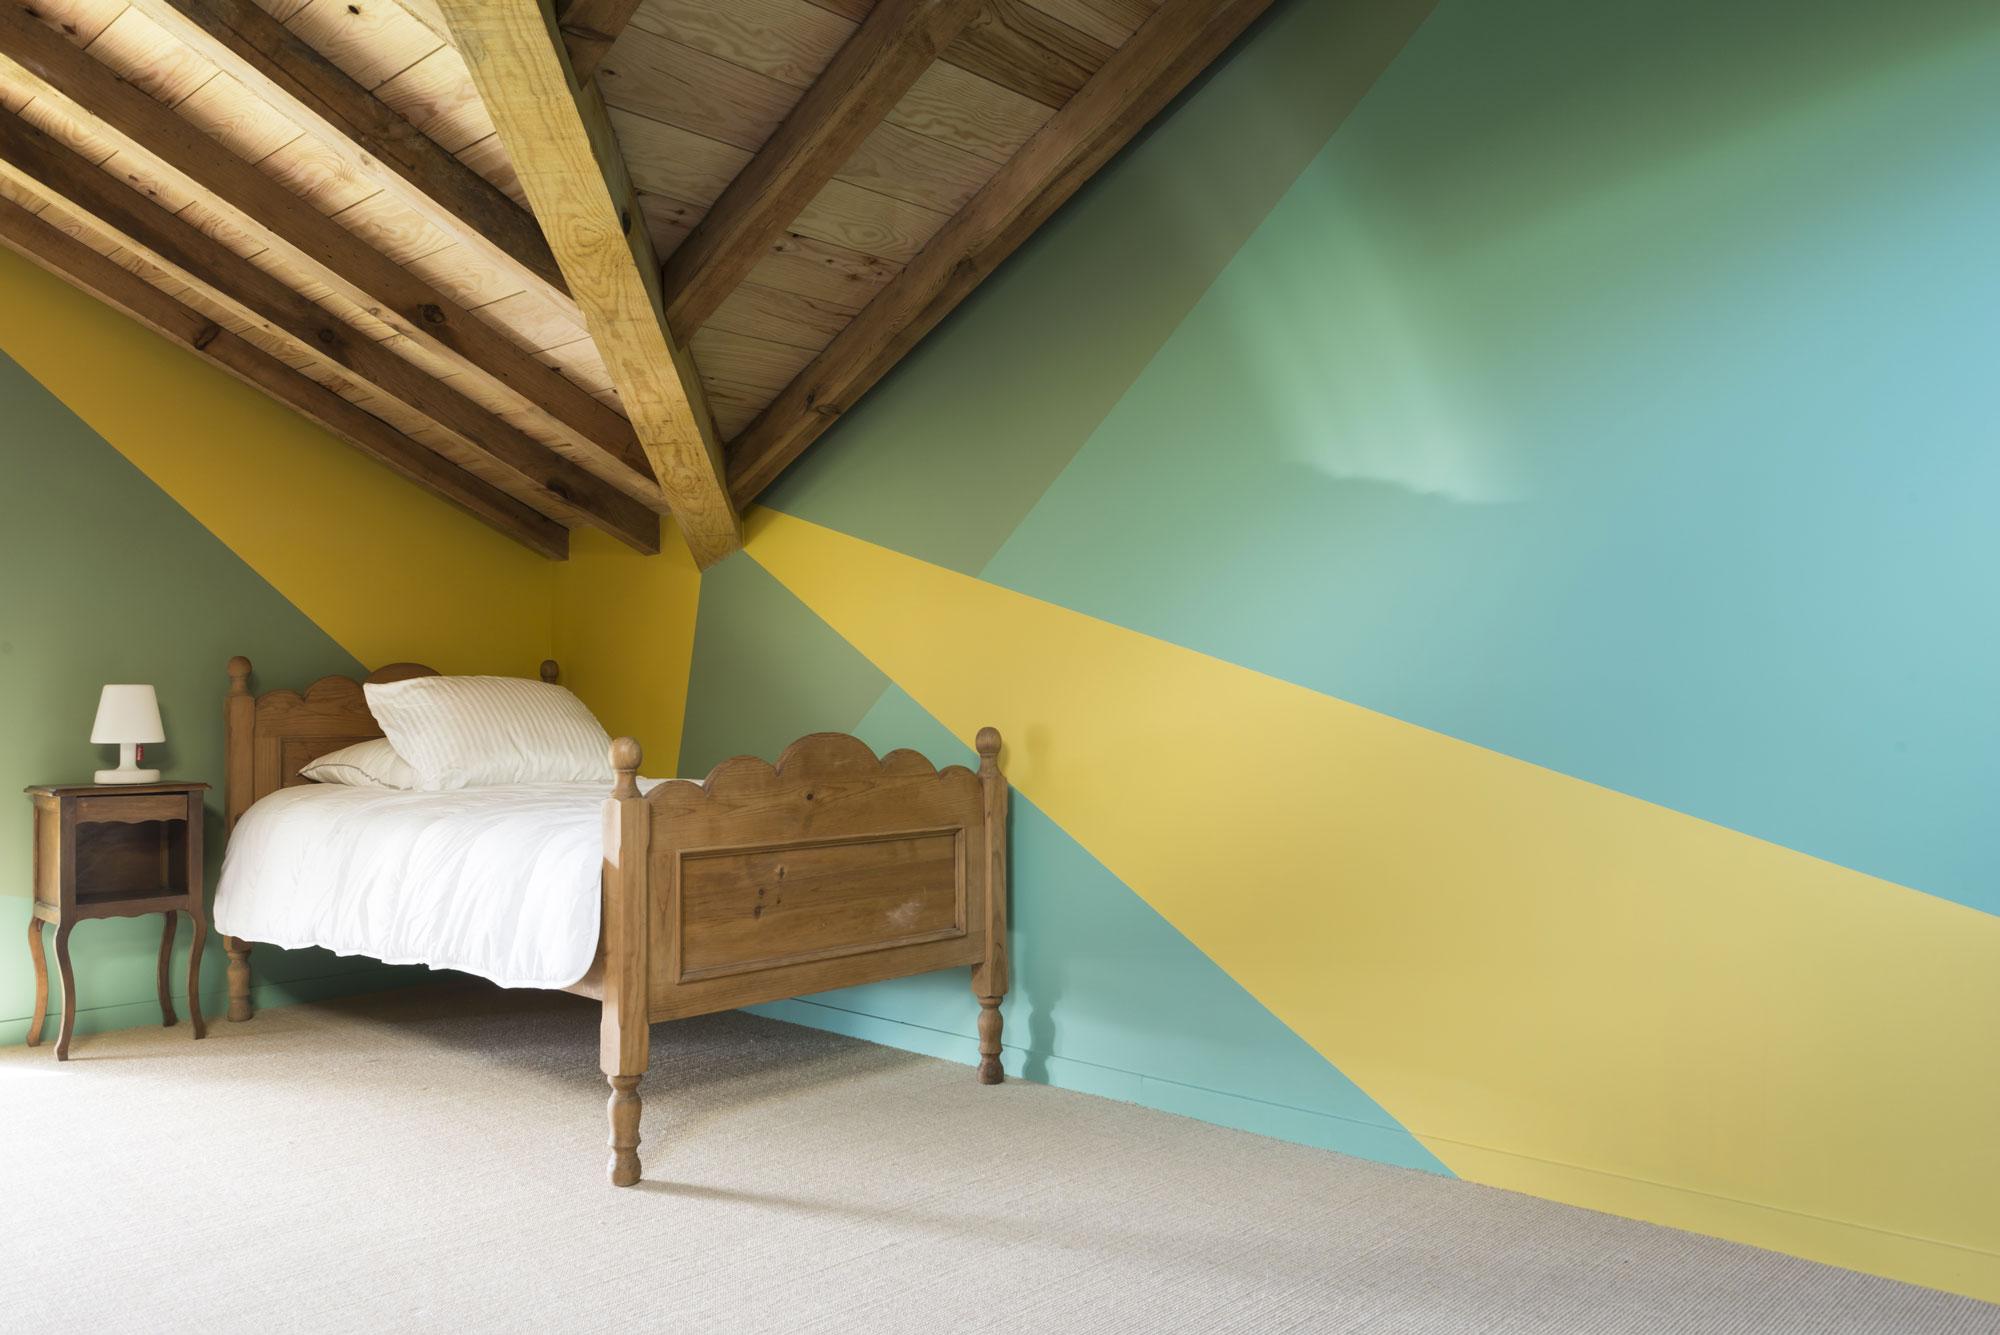 Lala Architectes-landes-renovation-peinture couleur-charpente-dortoir enfants